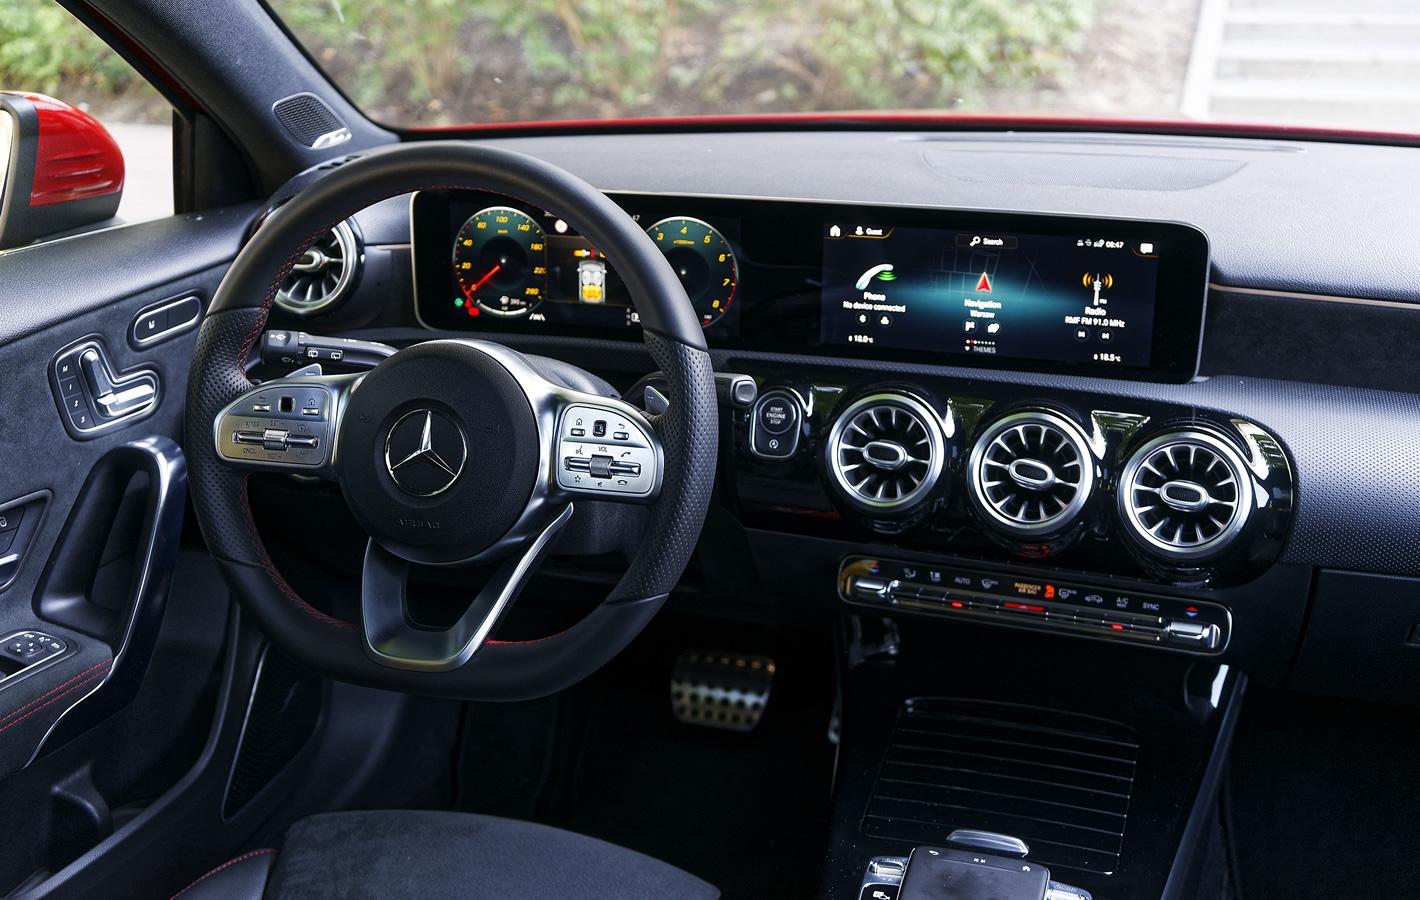 Mercedes-Benz Klasy A 200 - wnętrze z ekranami systemu MBUX